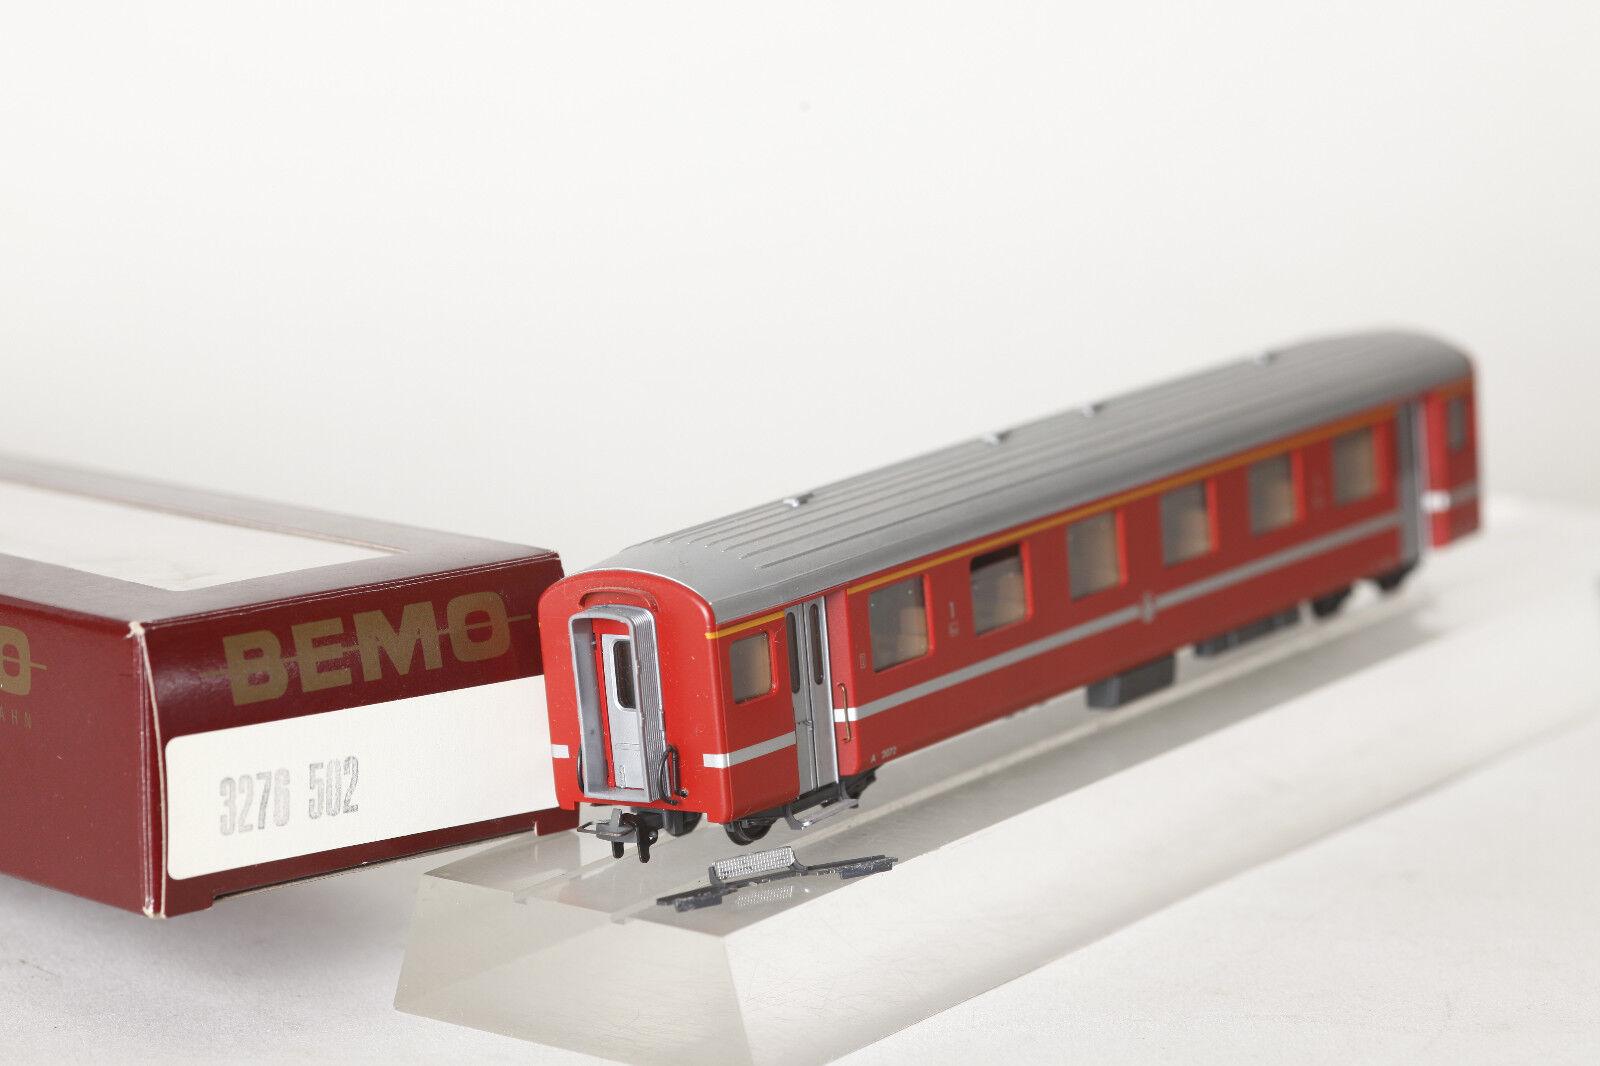 Bemo H0m 3276 502 Rhb Ferrovia Retica a 2072 1. Classe Rosso  71688